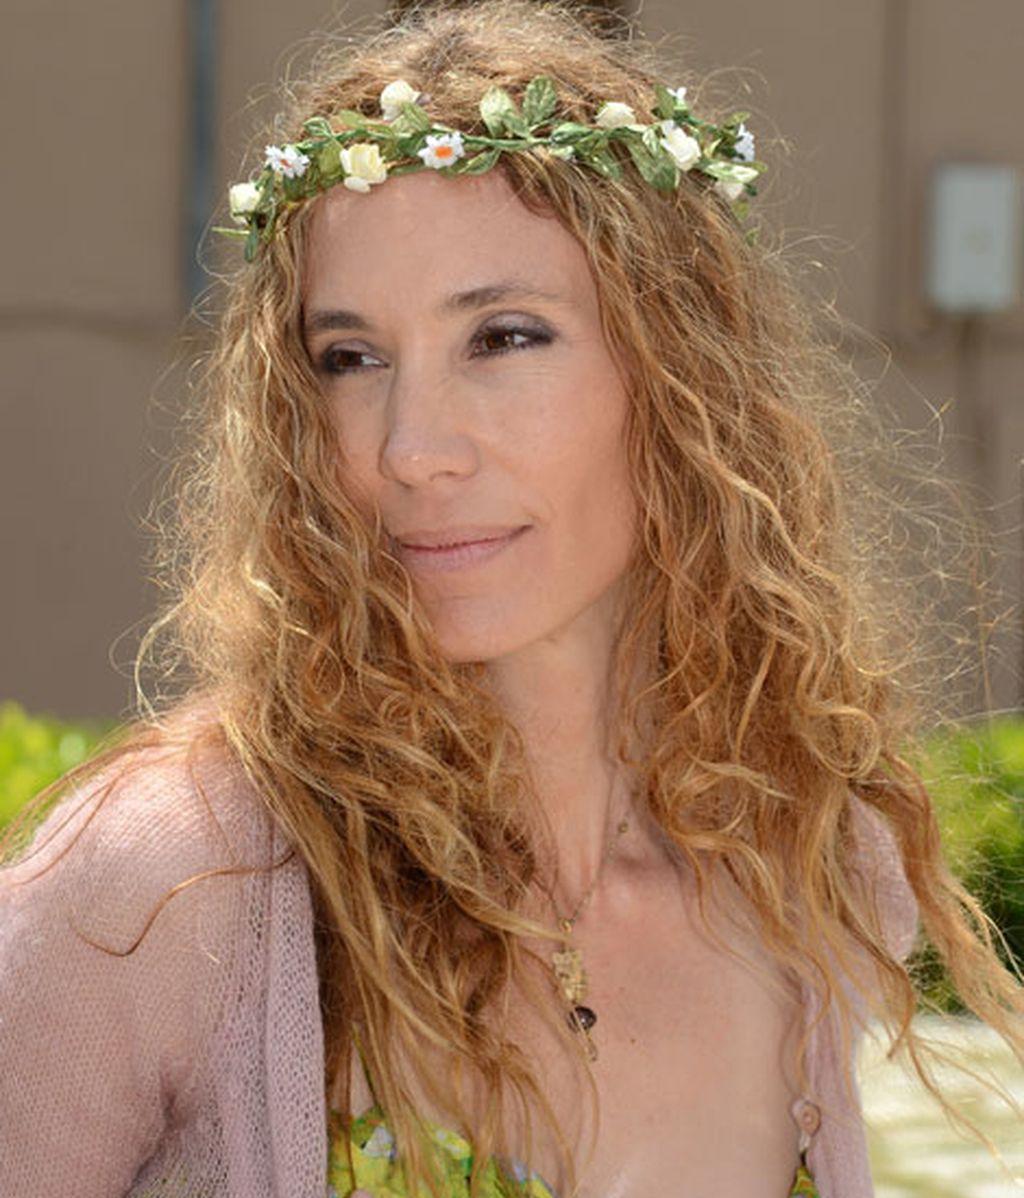 Blanca llevó una corona de flores a juego con su vestido